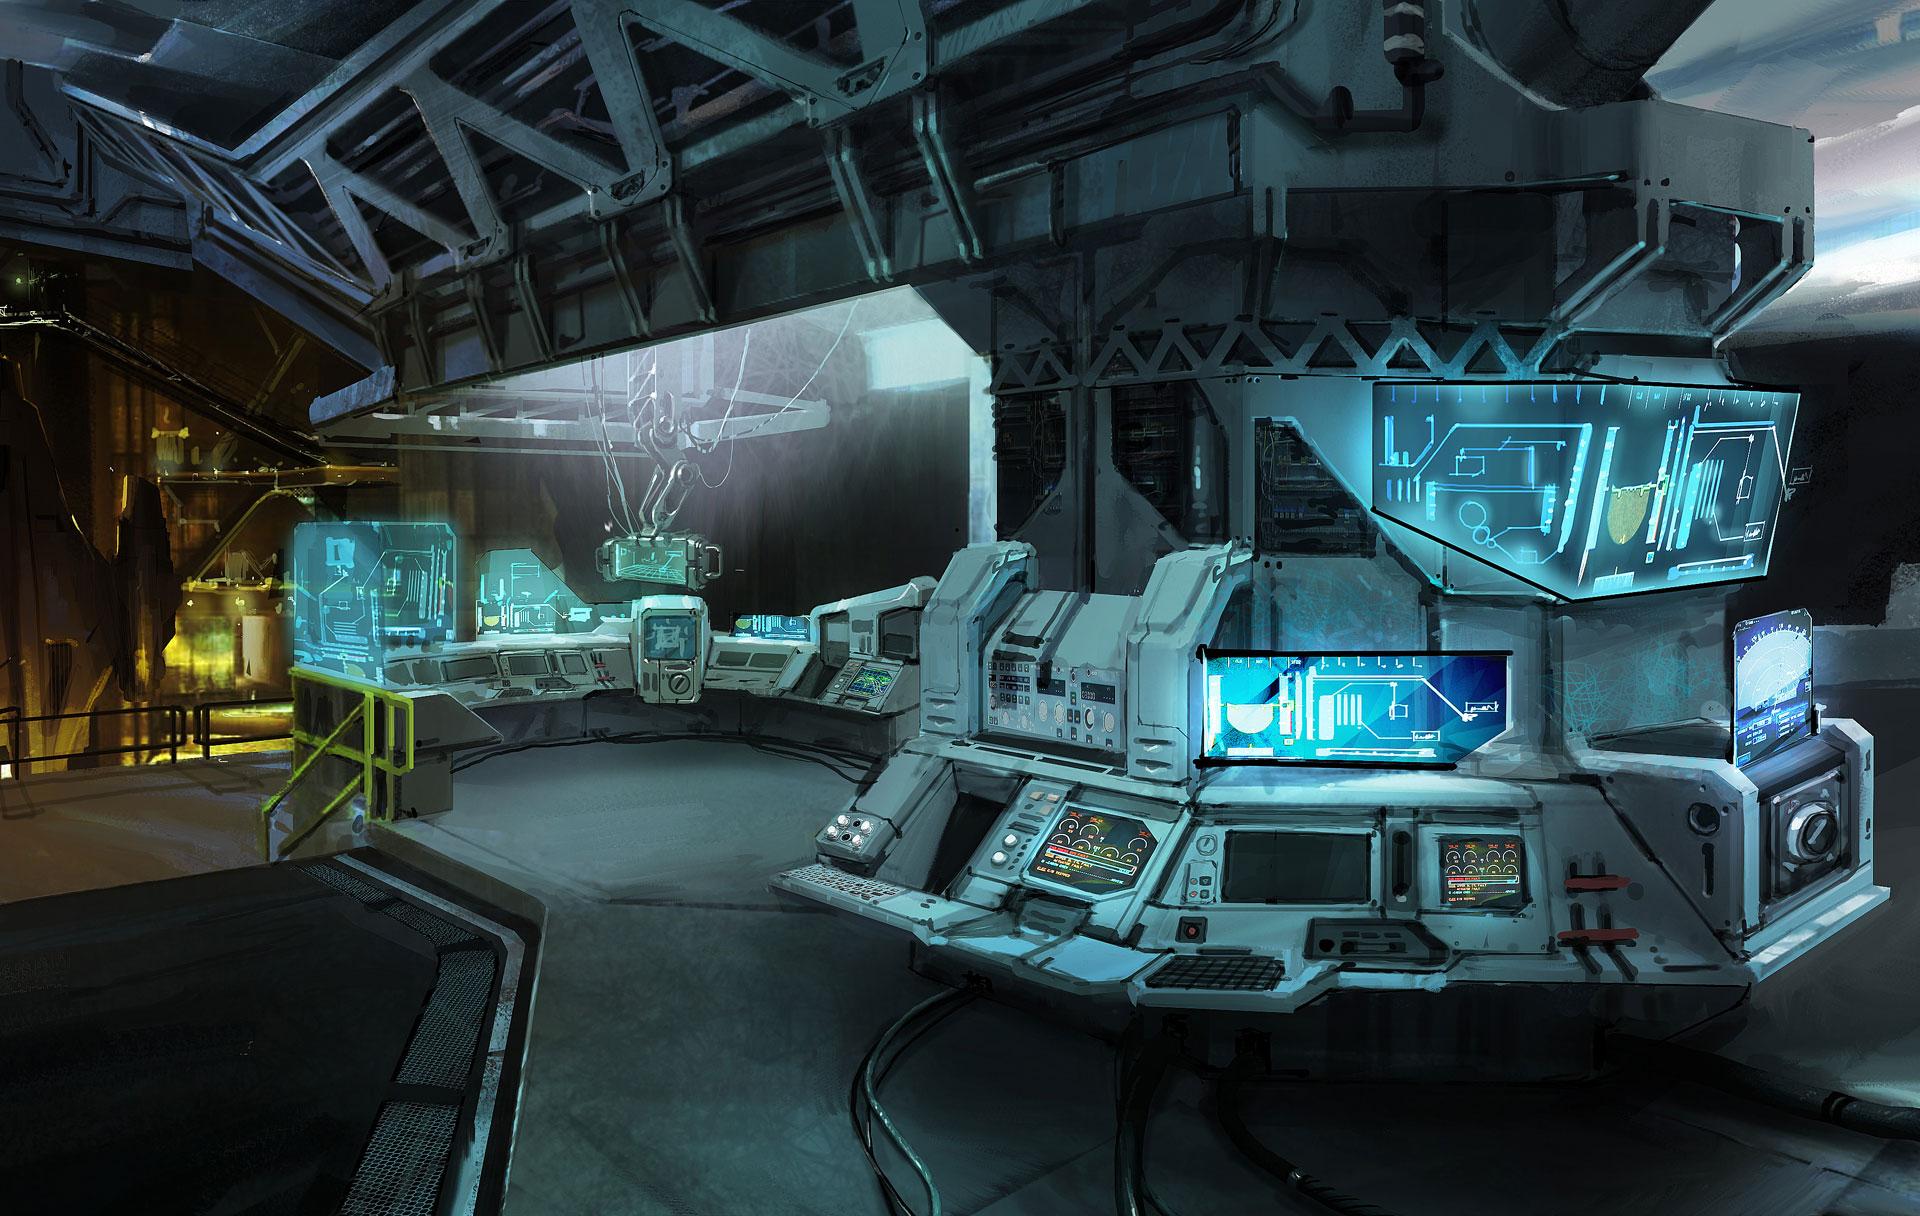 Ilustrasi : Lab di bawah laut